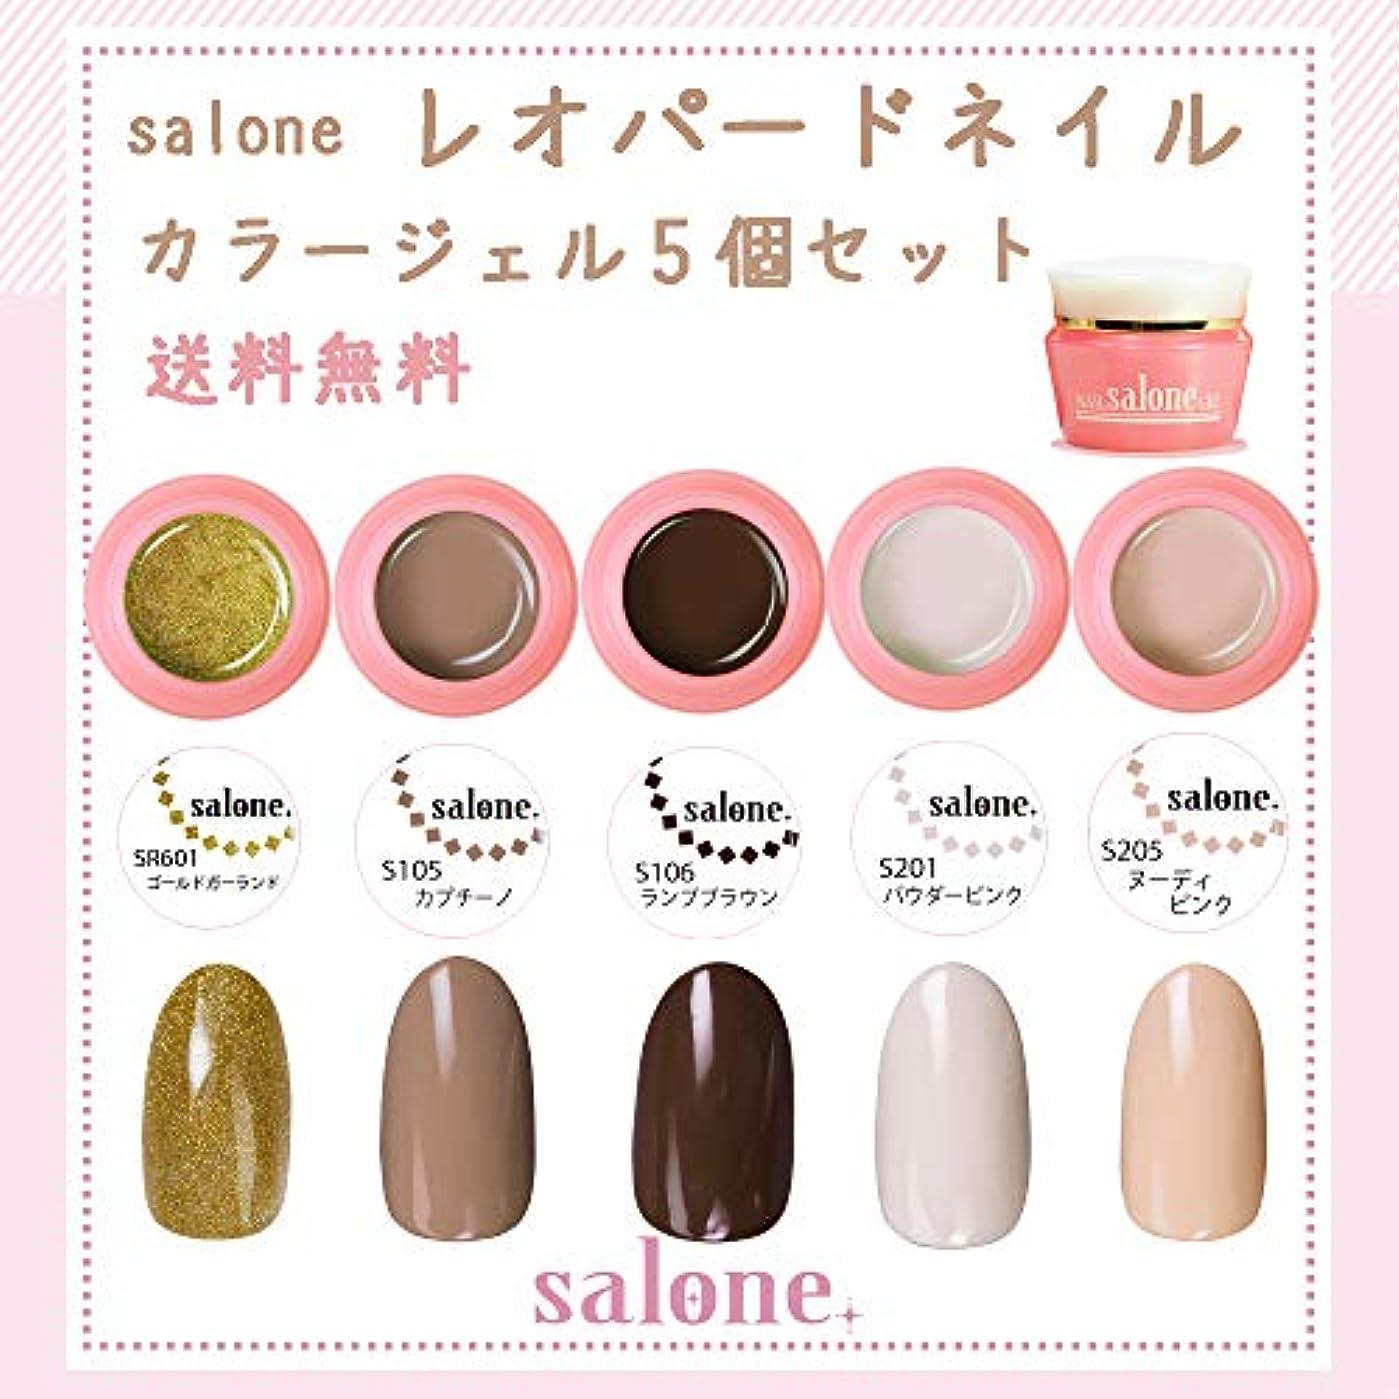 【送料無料 日本製】Salone レオパードネイルカラージェル5個セット 暖かく大人可愛いアニマル柄ネイルカラー